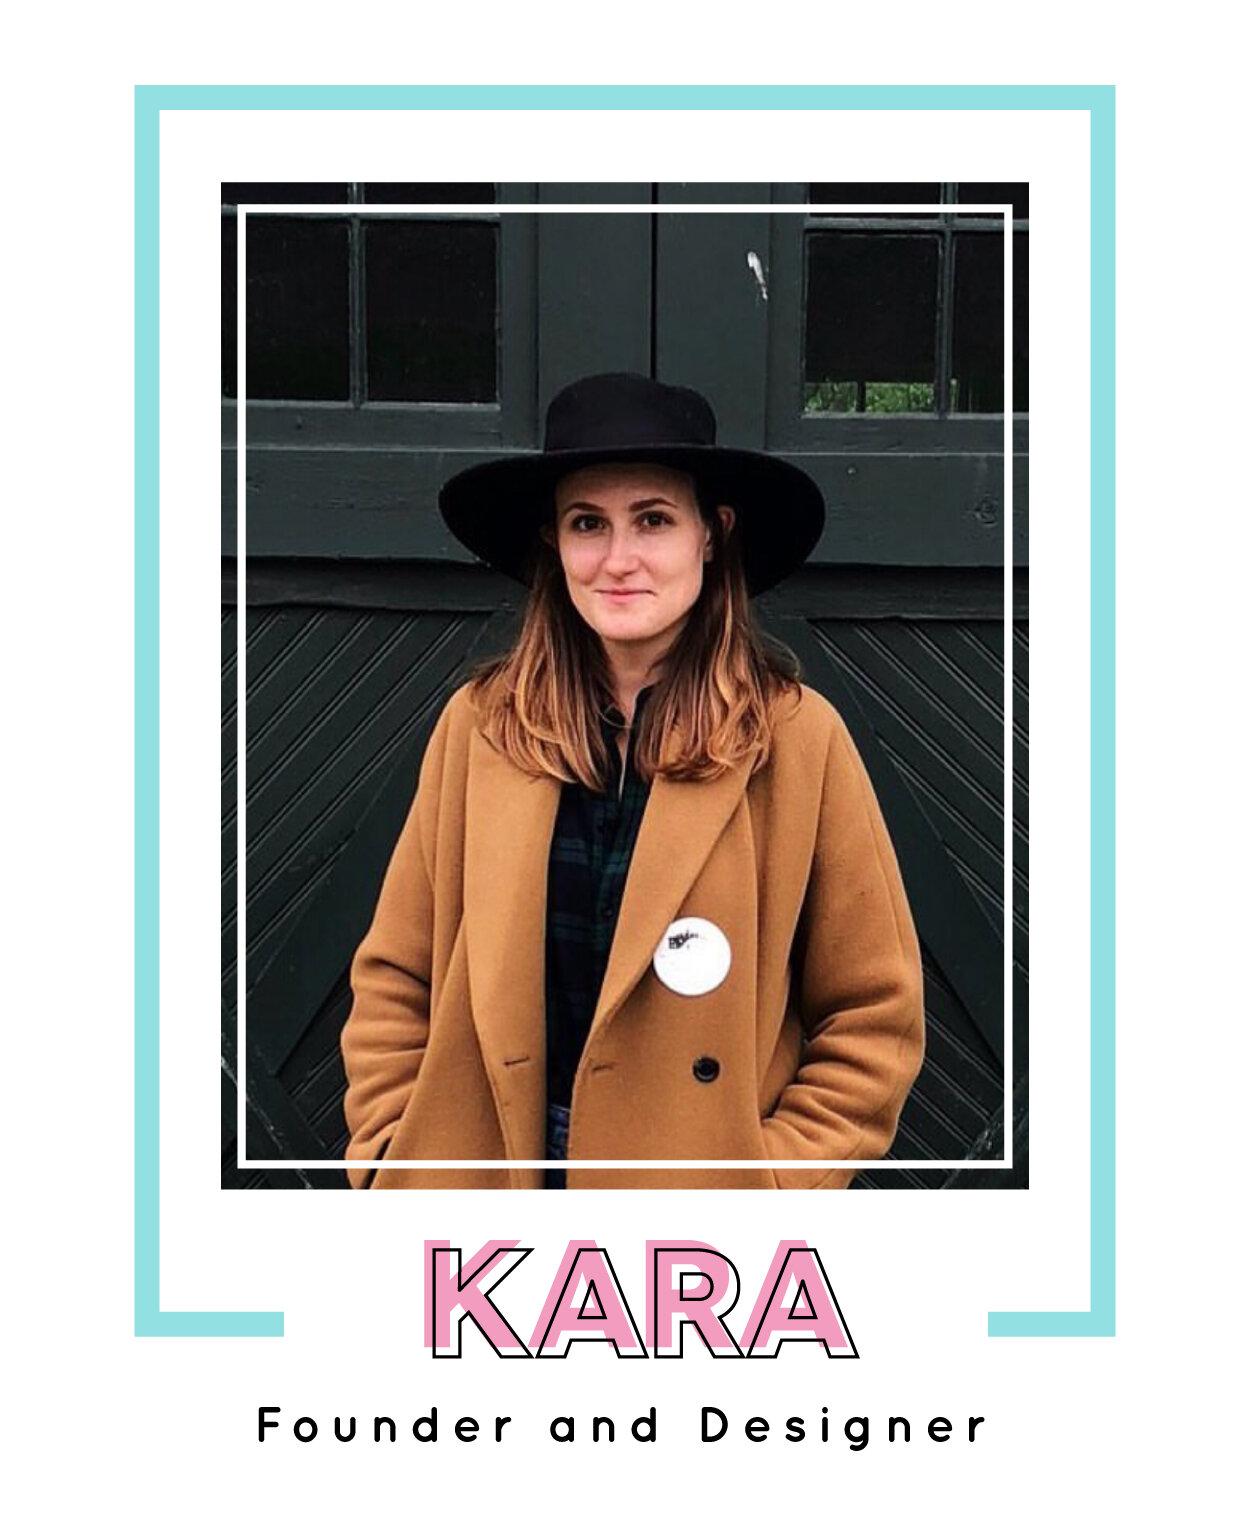 About Kara - shopmkkm.com